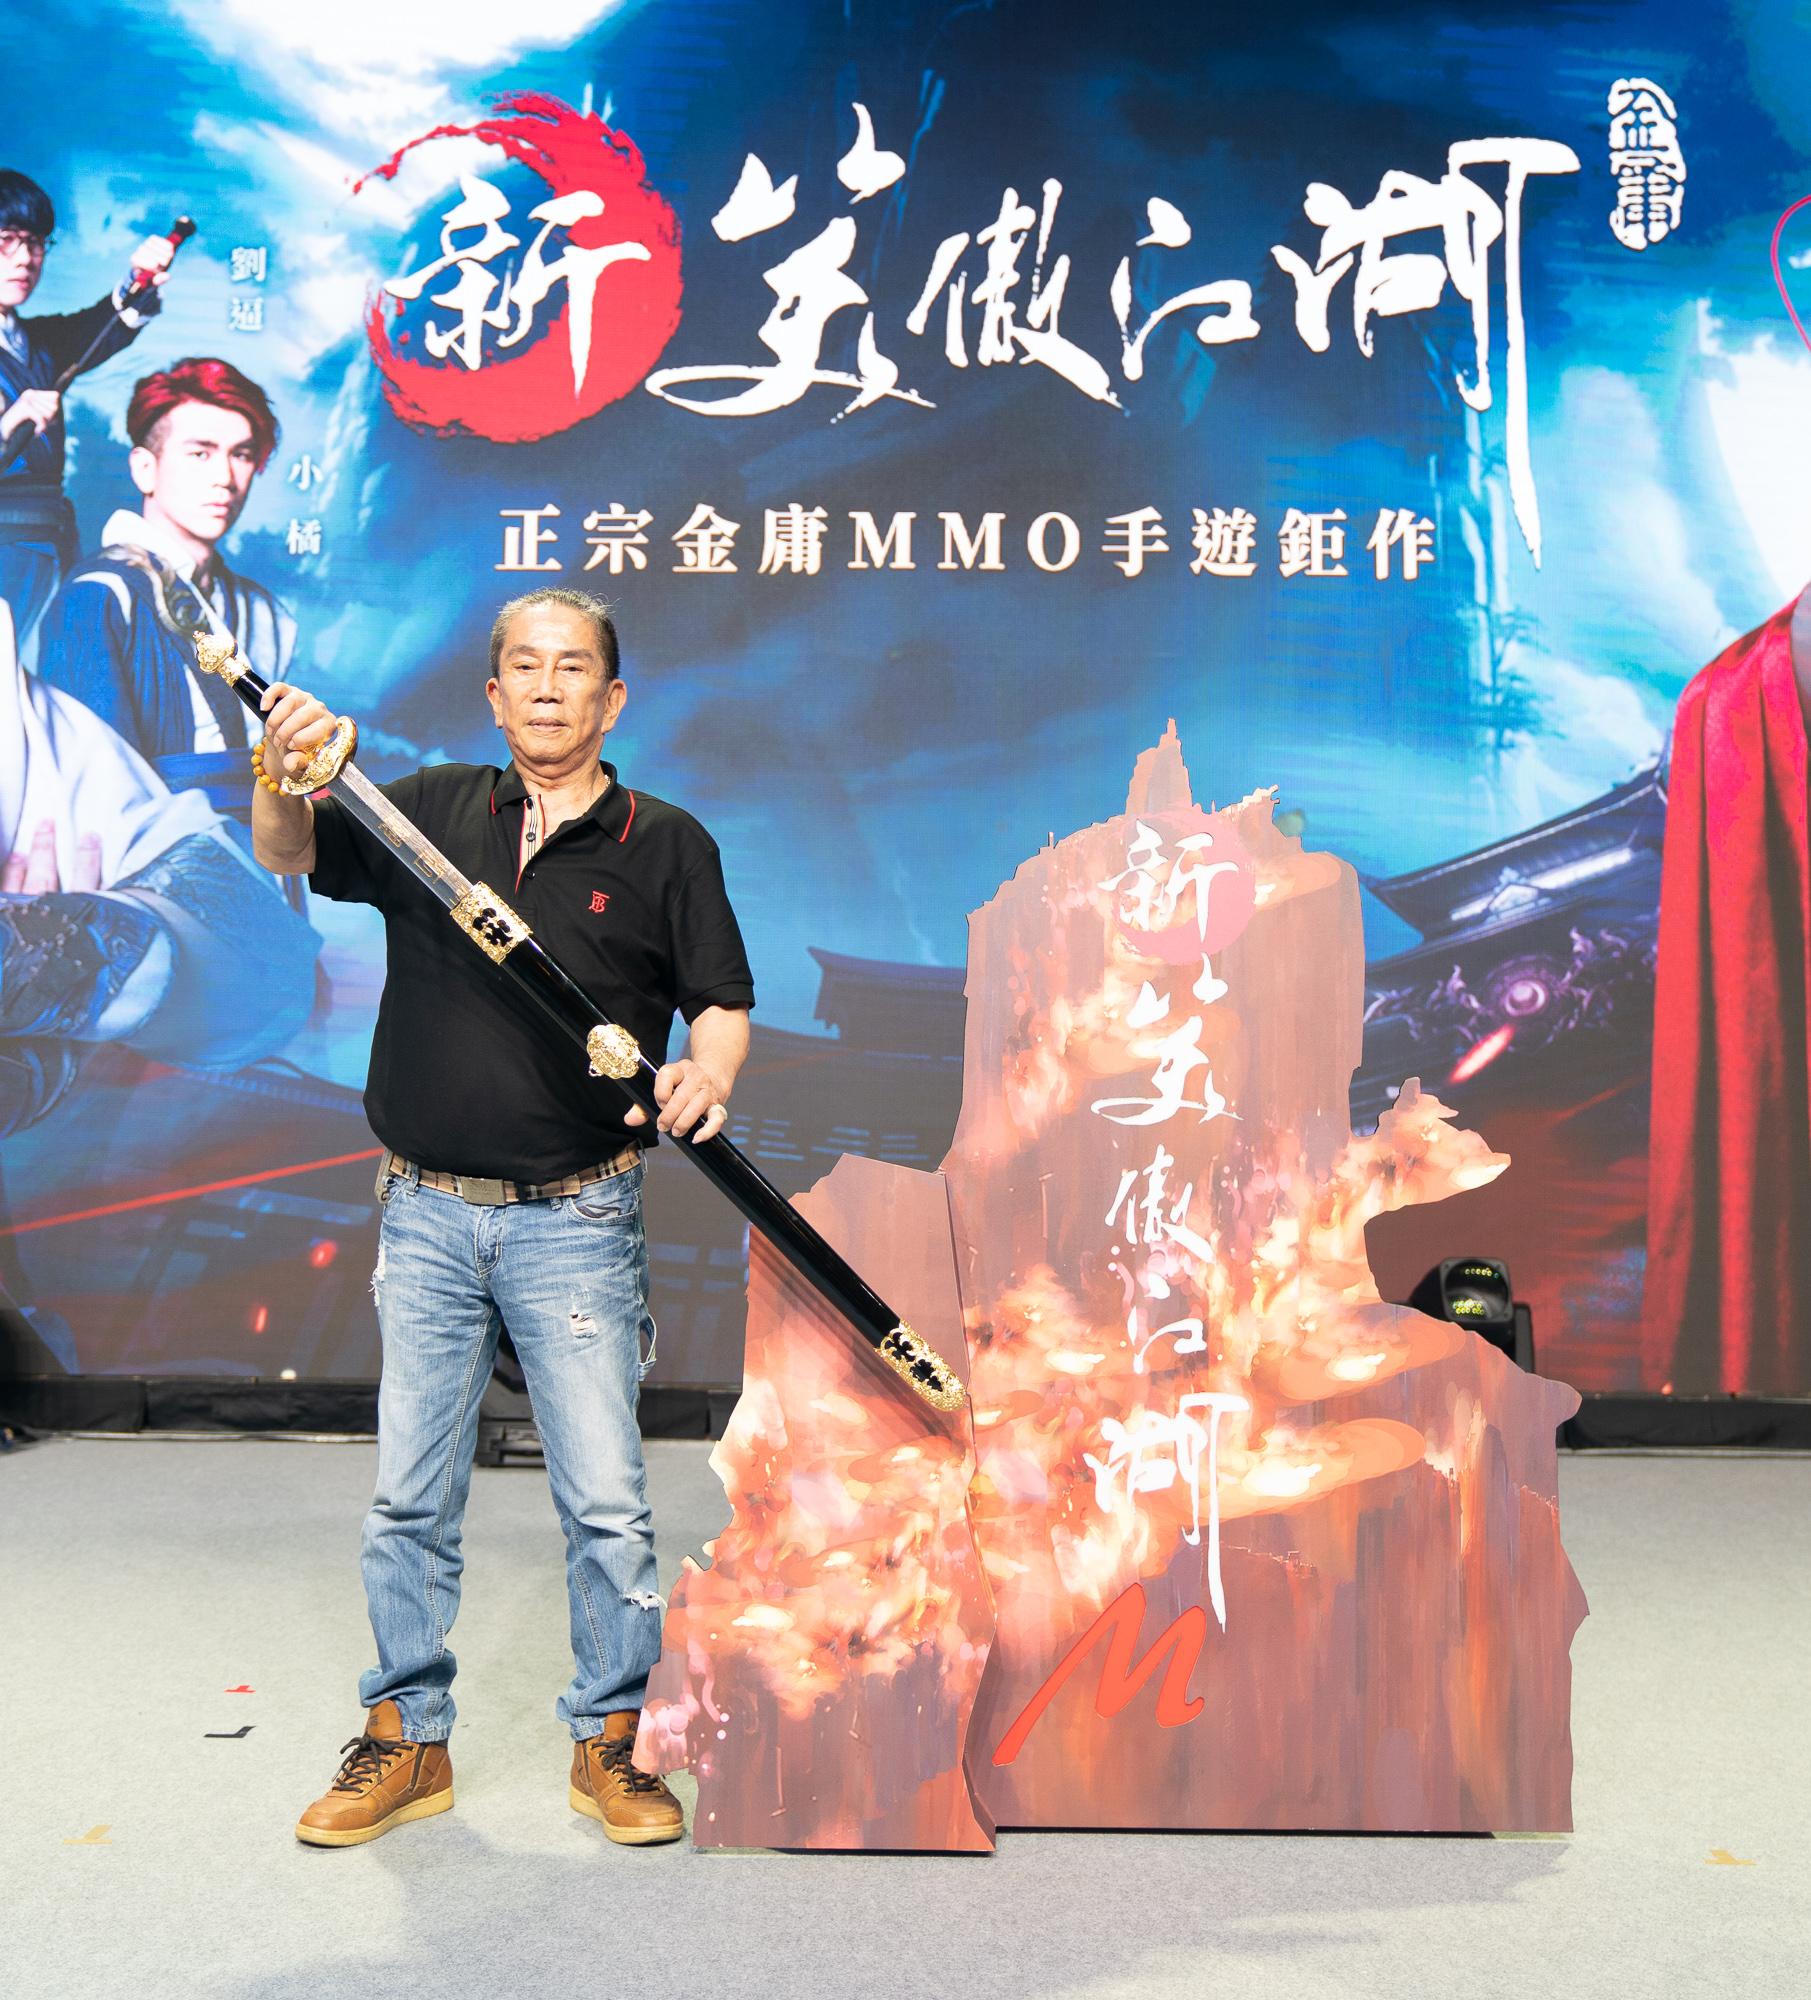 ▲國寶級鑄劍大師郭常喜為《新笑傲江湖M》打造信念之劍